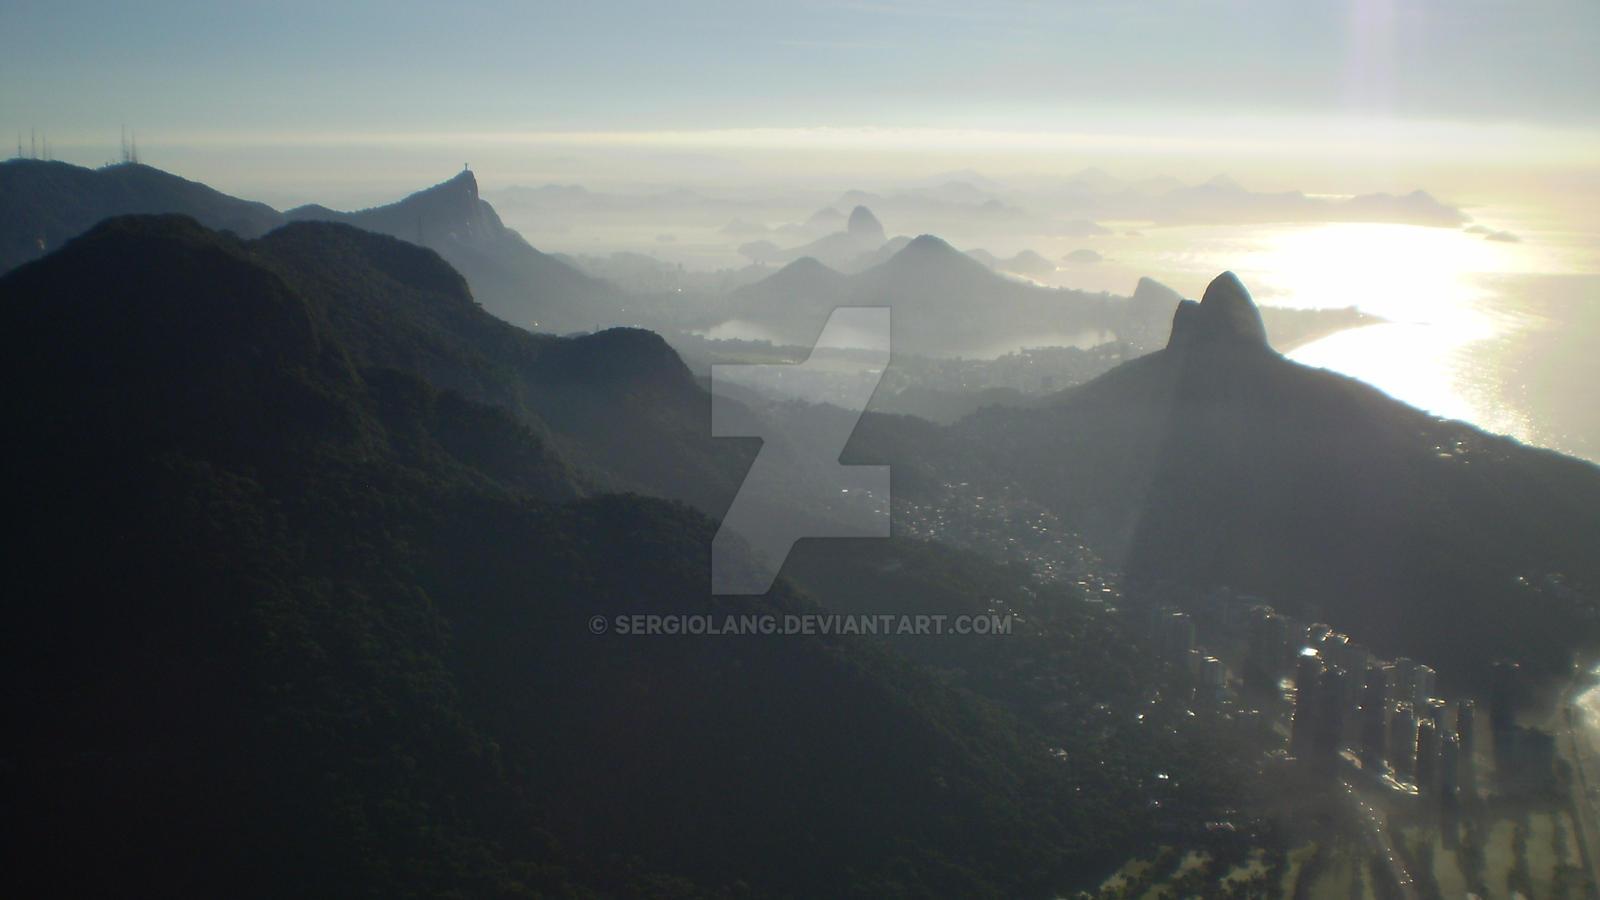 Pedra Da Gavea, Rio De Janeiro, Brazil by SergioLang